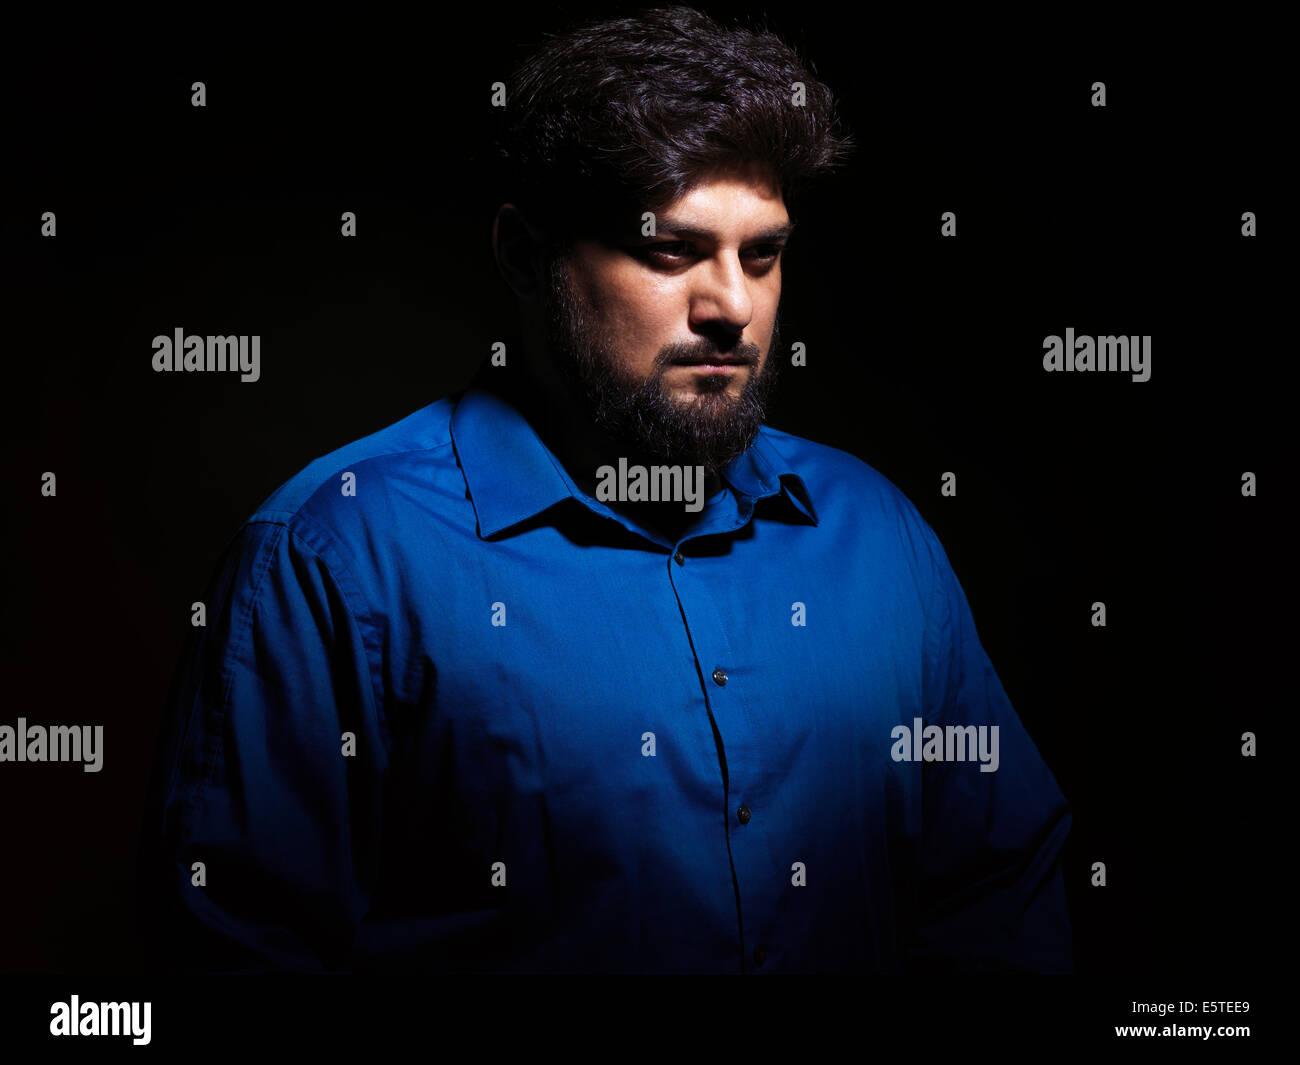 Porträt eines pakistanischen auf schwarzem Hintergrund isoliert Stockbild